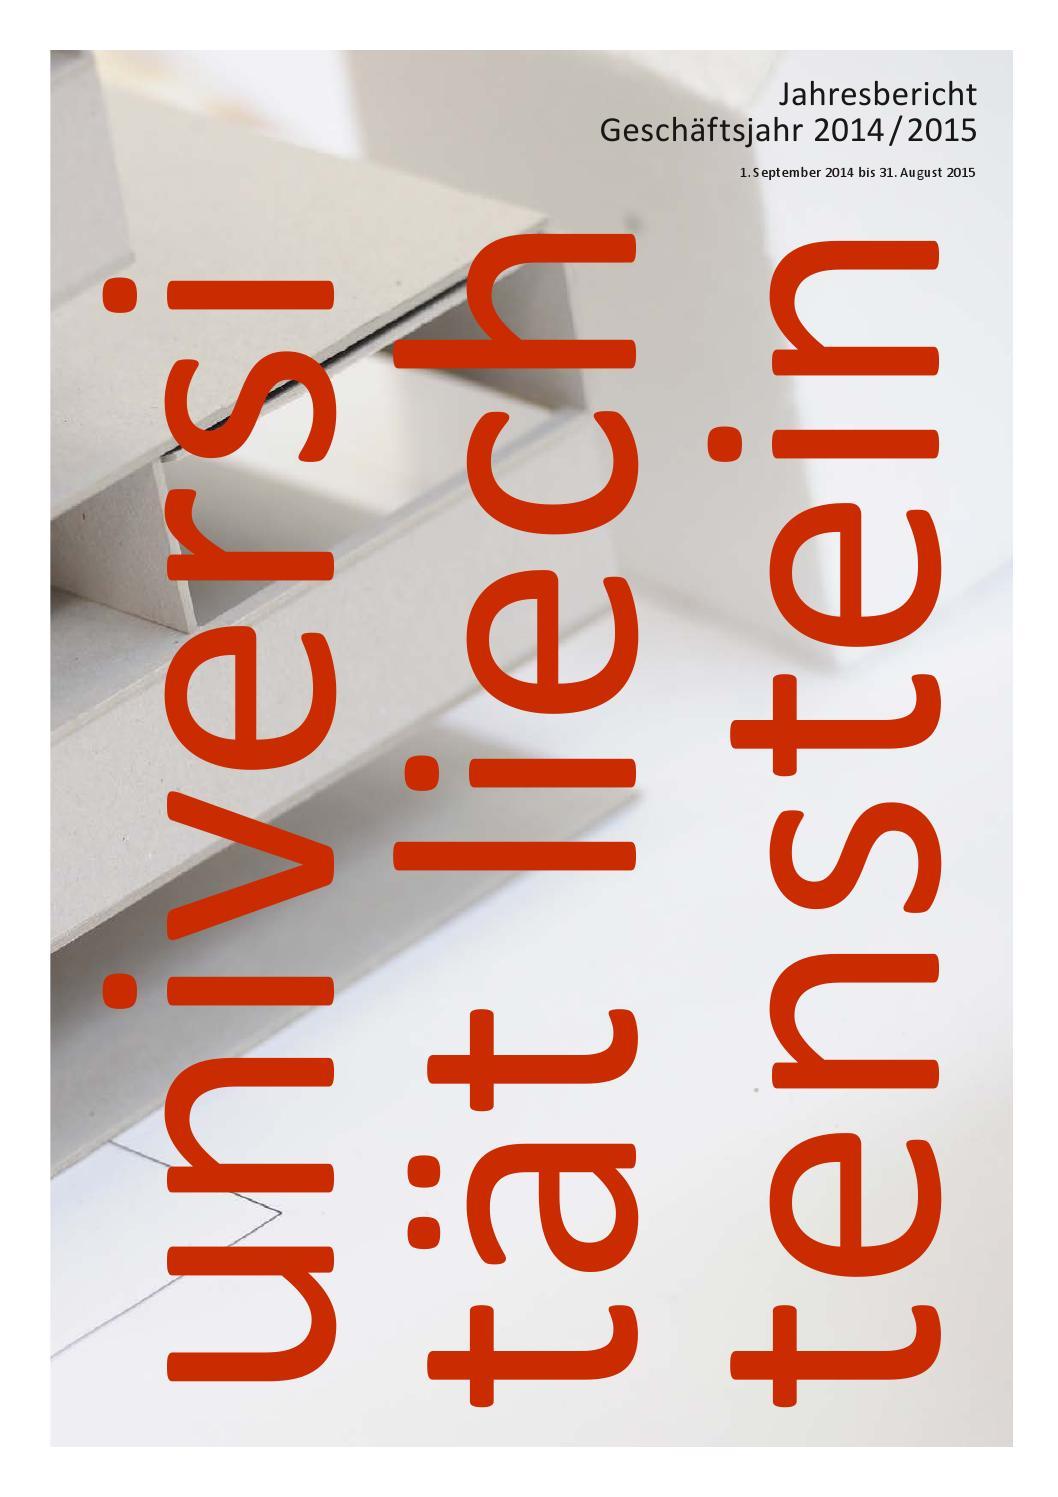 Universität Liechtenstein - Jahresbericht Geschäftsjahr 2014 / 2015 by  Universität Liechtenstein - issuu